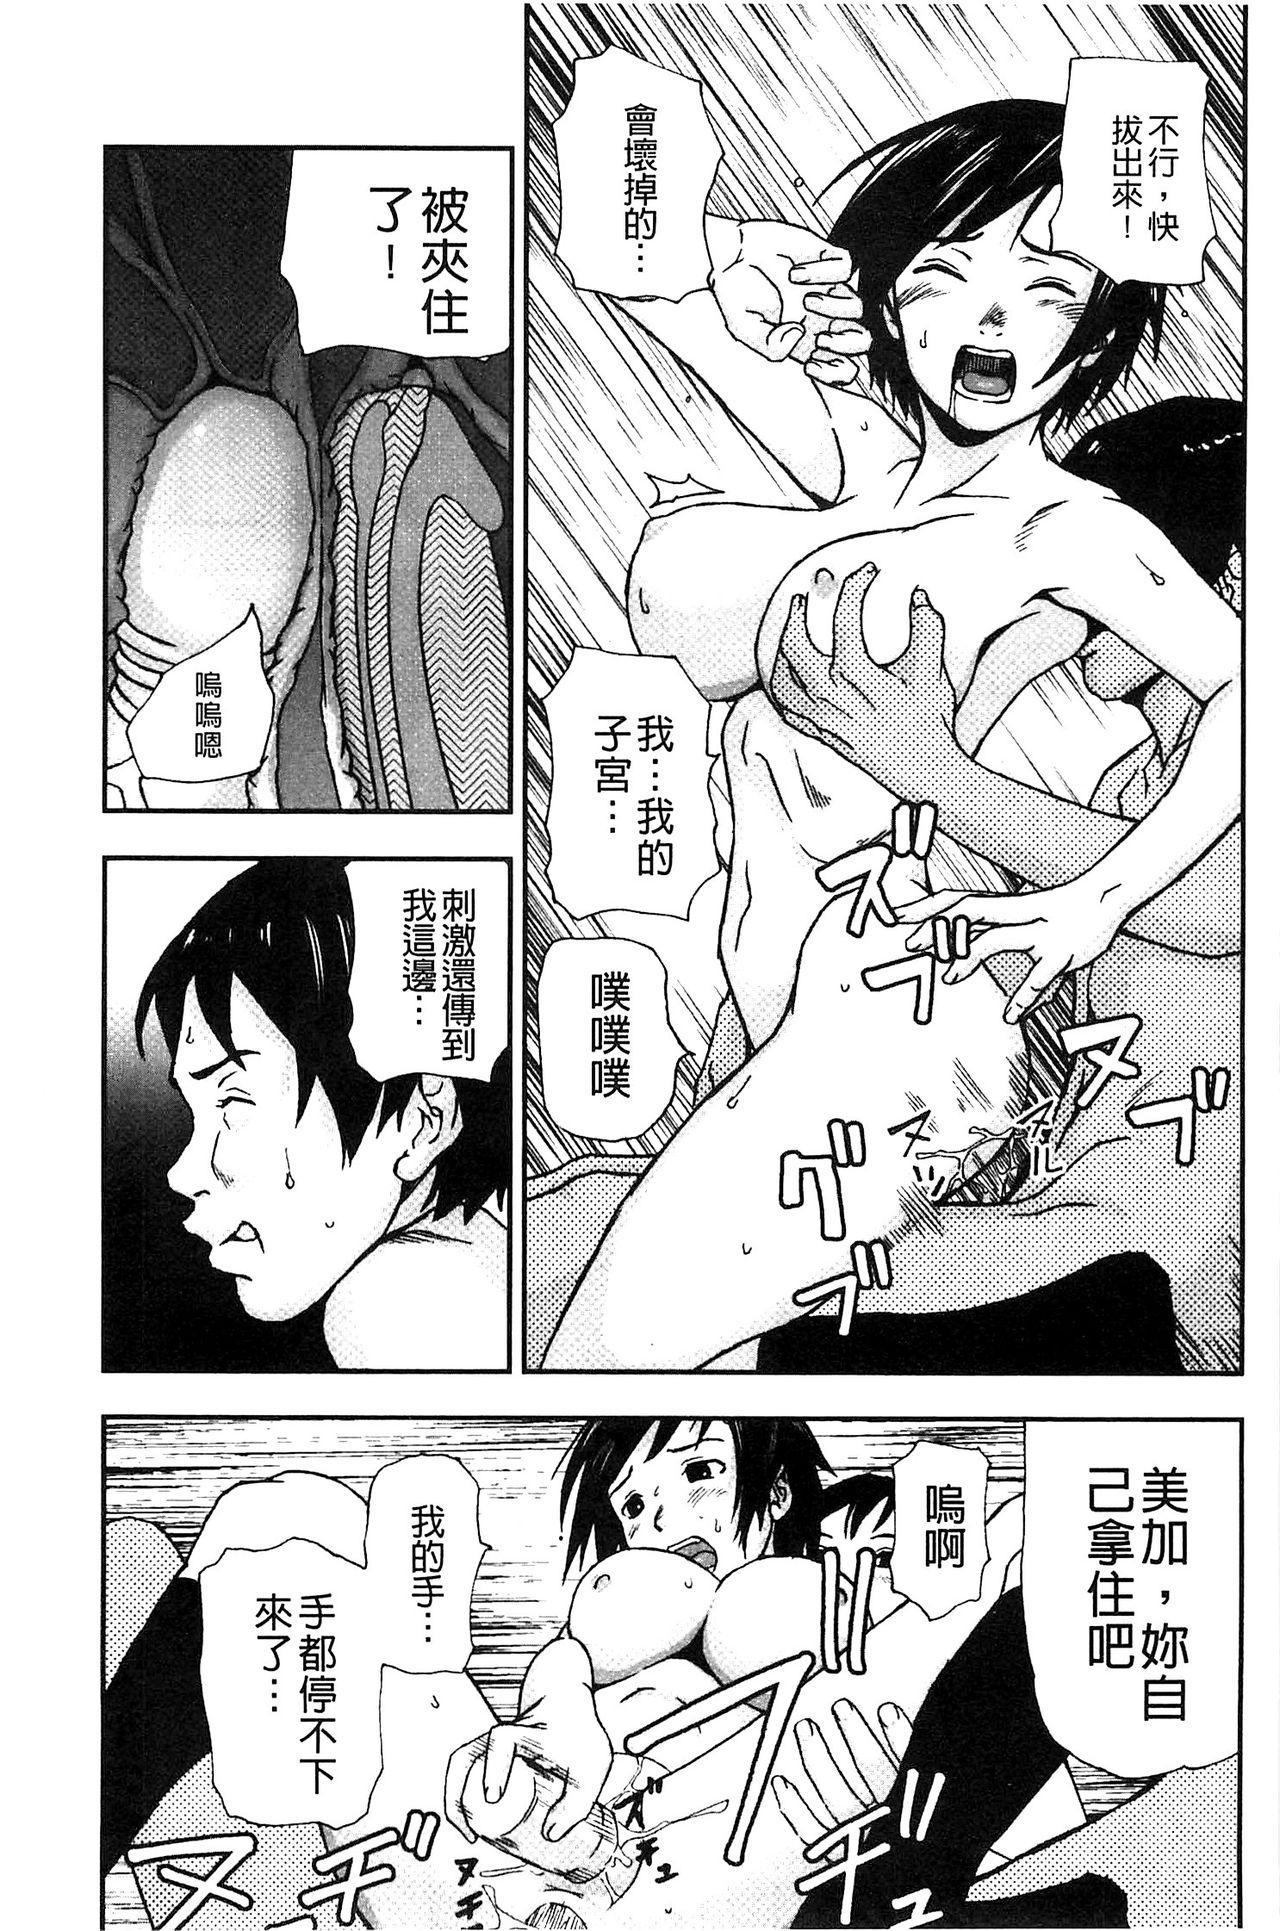 Koijirushi Love Milk | 戀印愛慾鮮乳 56